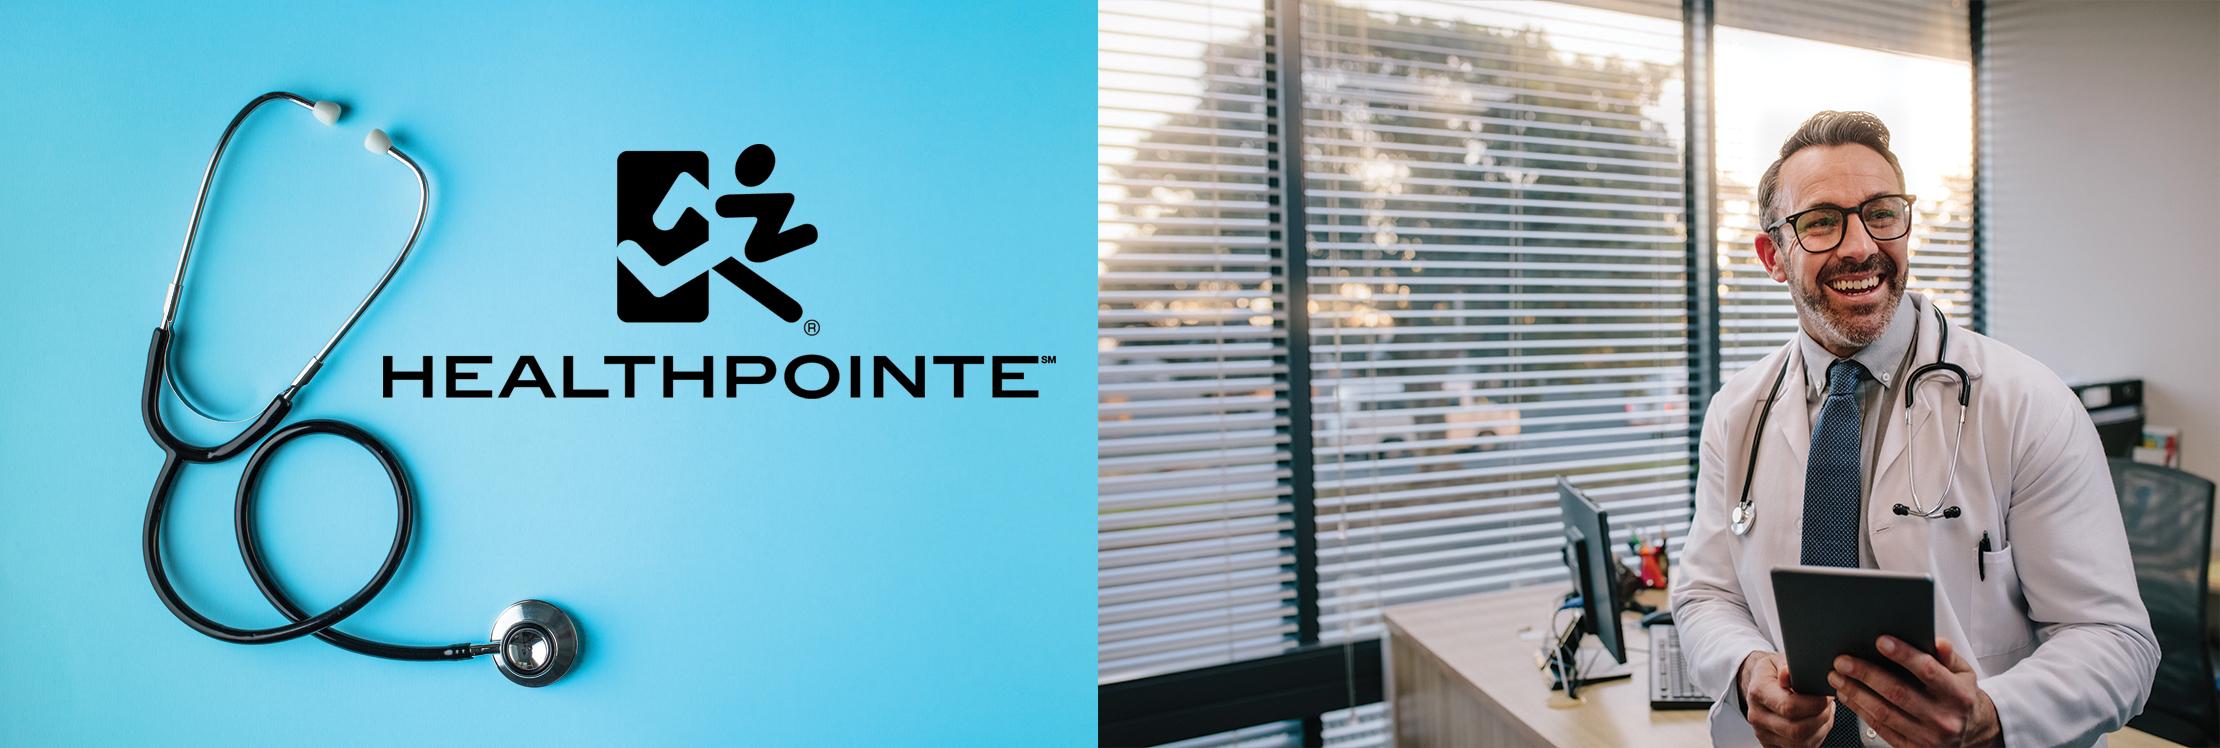 Healthpointe reviews | Medical Centers at 6820 La Tijera Blvd. - Los Angeles CA